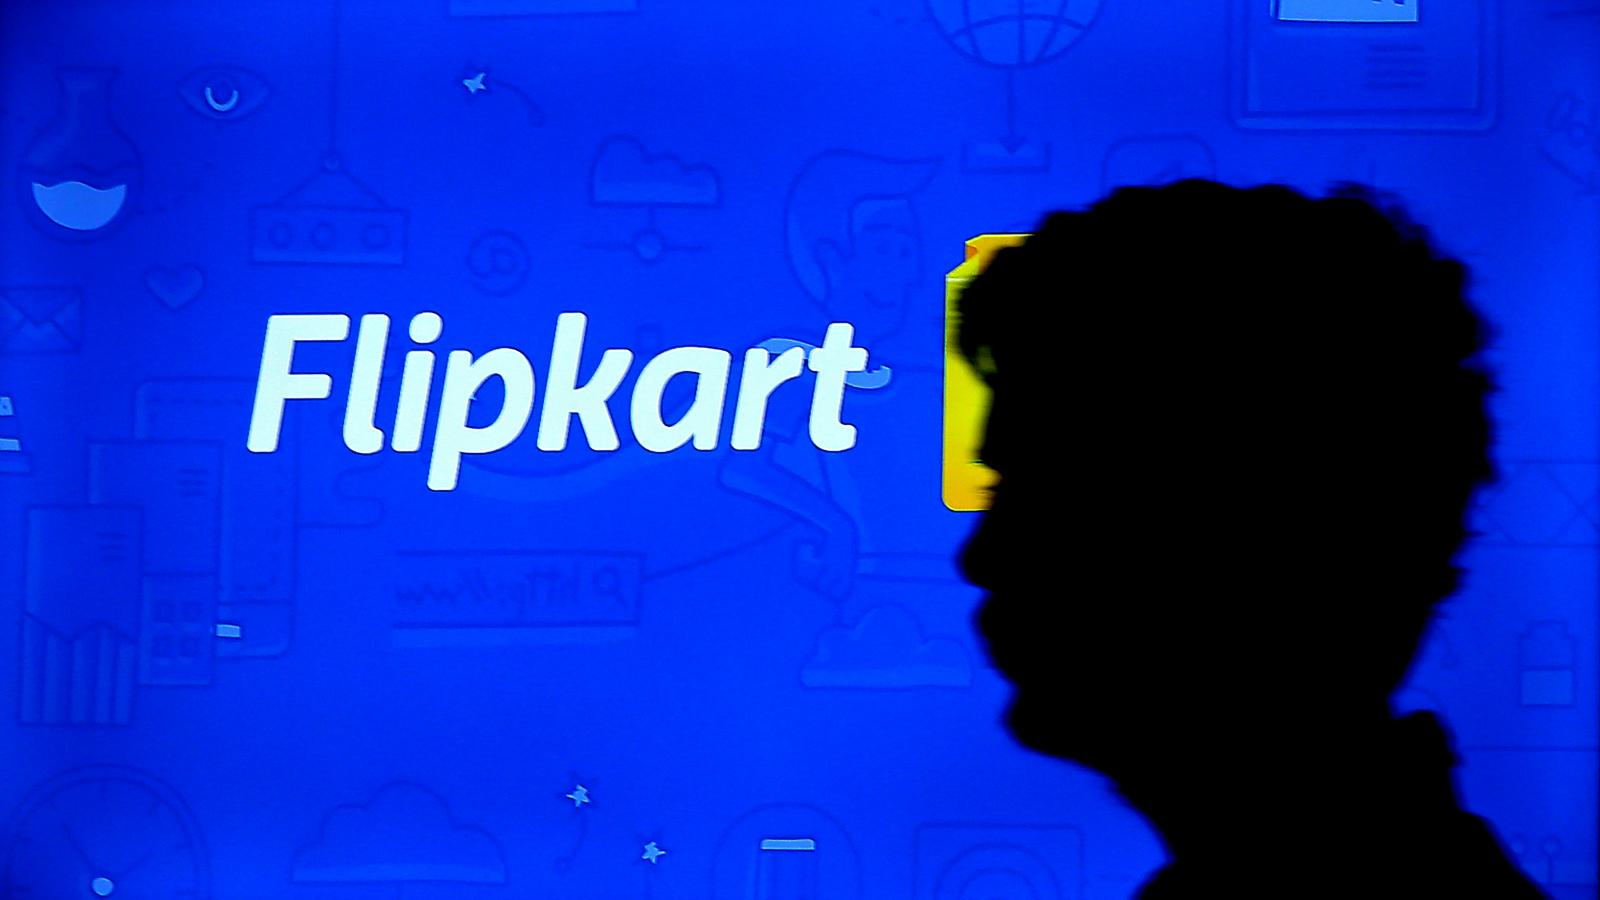 Flipkart-India-Amazon-Billion